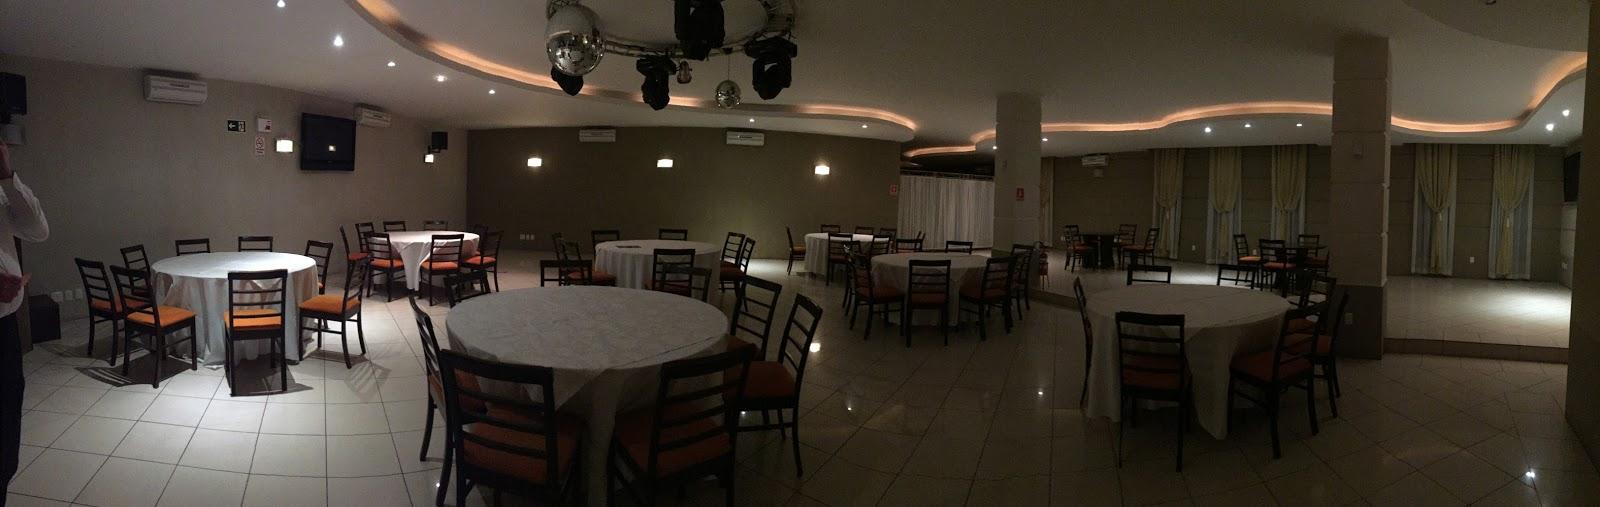 Salão de eventos do restaurante Don Claudino